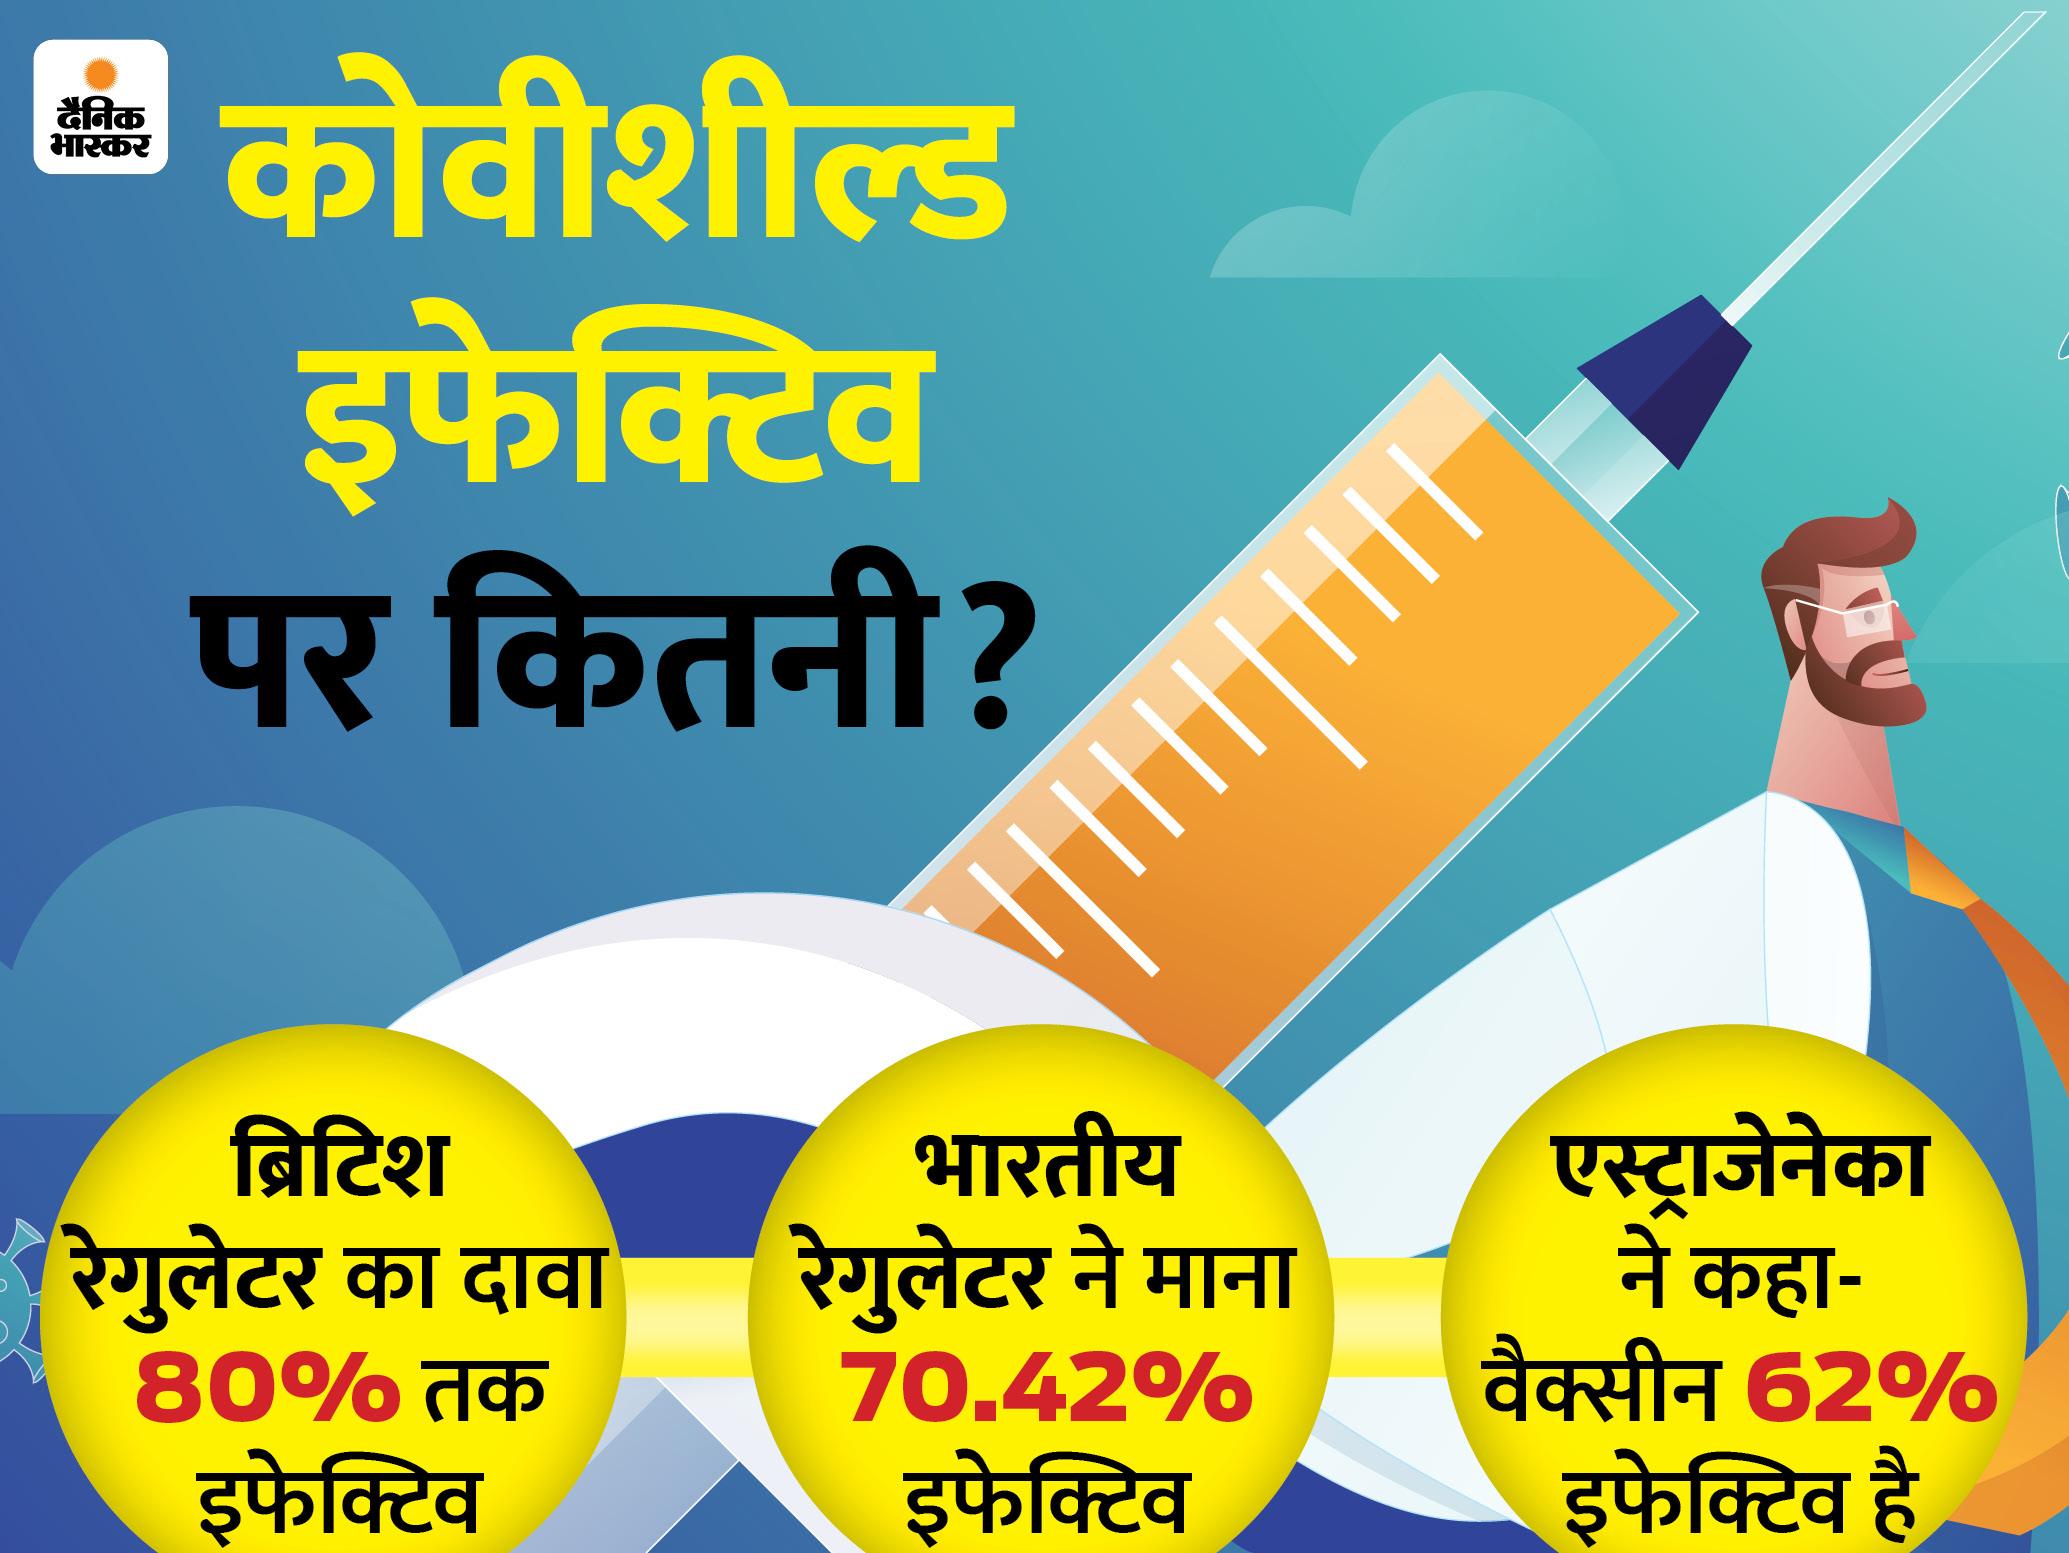 केंद्र ने सीरम इंस्टीट्यूट को 1.10 करोड़ वैक्सीन का ऑर्डर दिया, एक डोज की कीमत 200 रुपए होगी